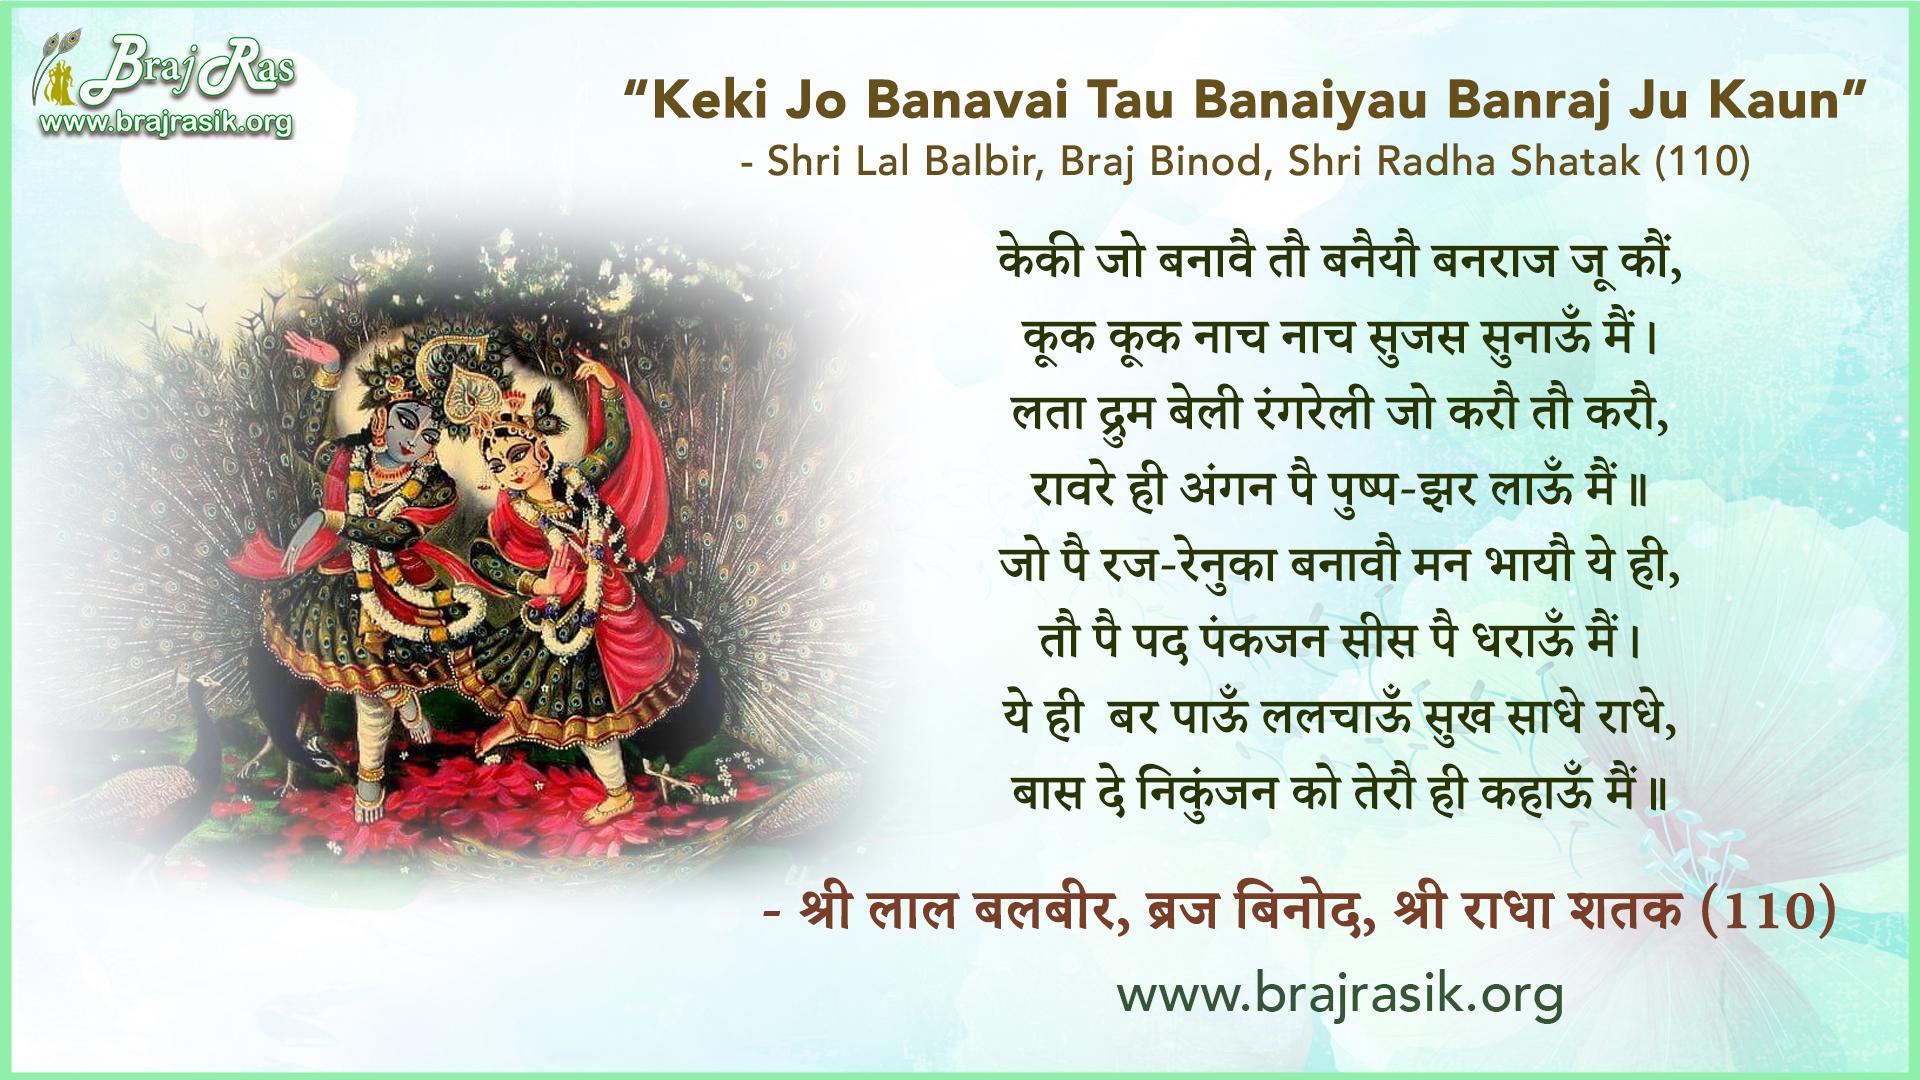 Keki Jo Banavai Tau Banaiyau Banraj Ju Kaun - Shri Lal Balbir, Braj Binod, Shri Radha Shatak